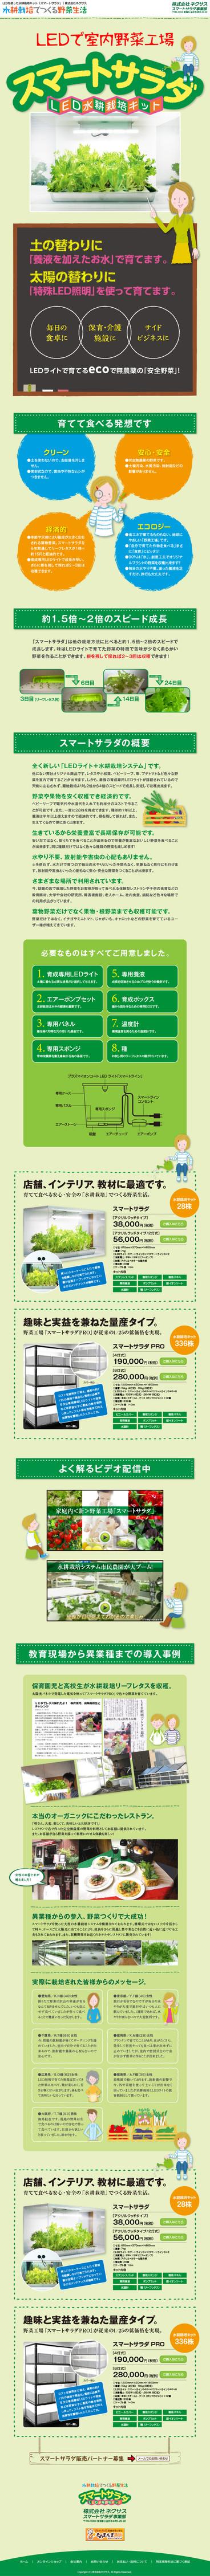 都城市の広告デザイン、ホームペーシ・ネットショップ